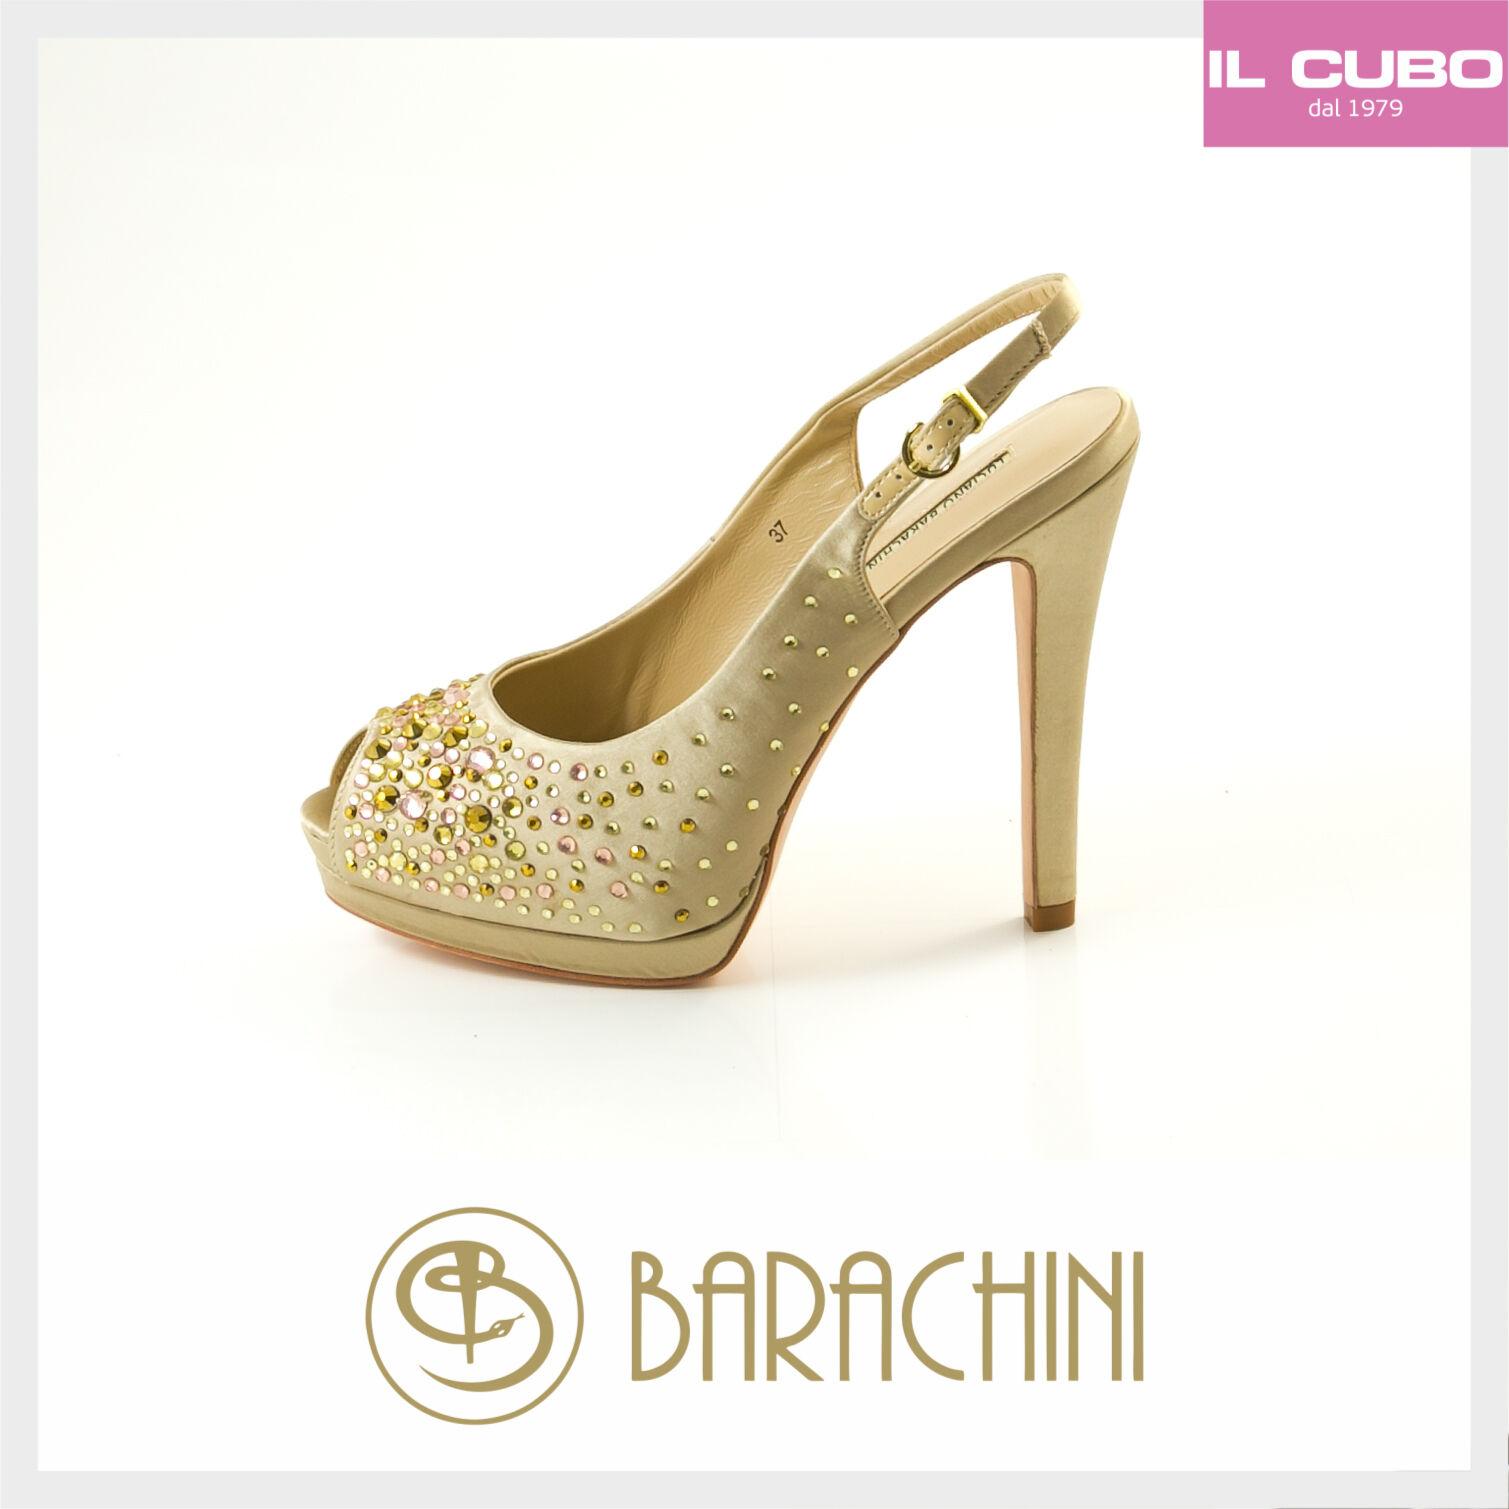 LUCIANO BARACHINI SANDALO SPUNTATO Damens COLORE CHAMPAGNE TACCO H 12 CM  ITALY